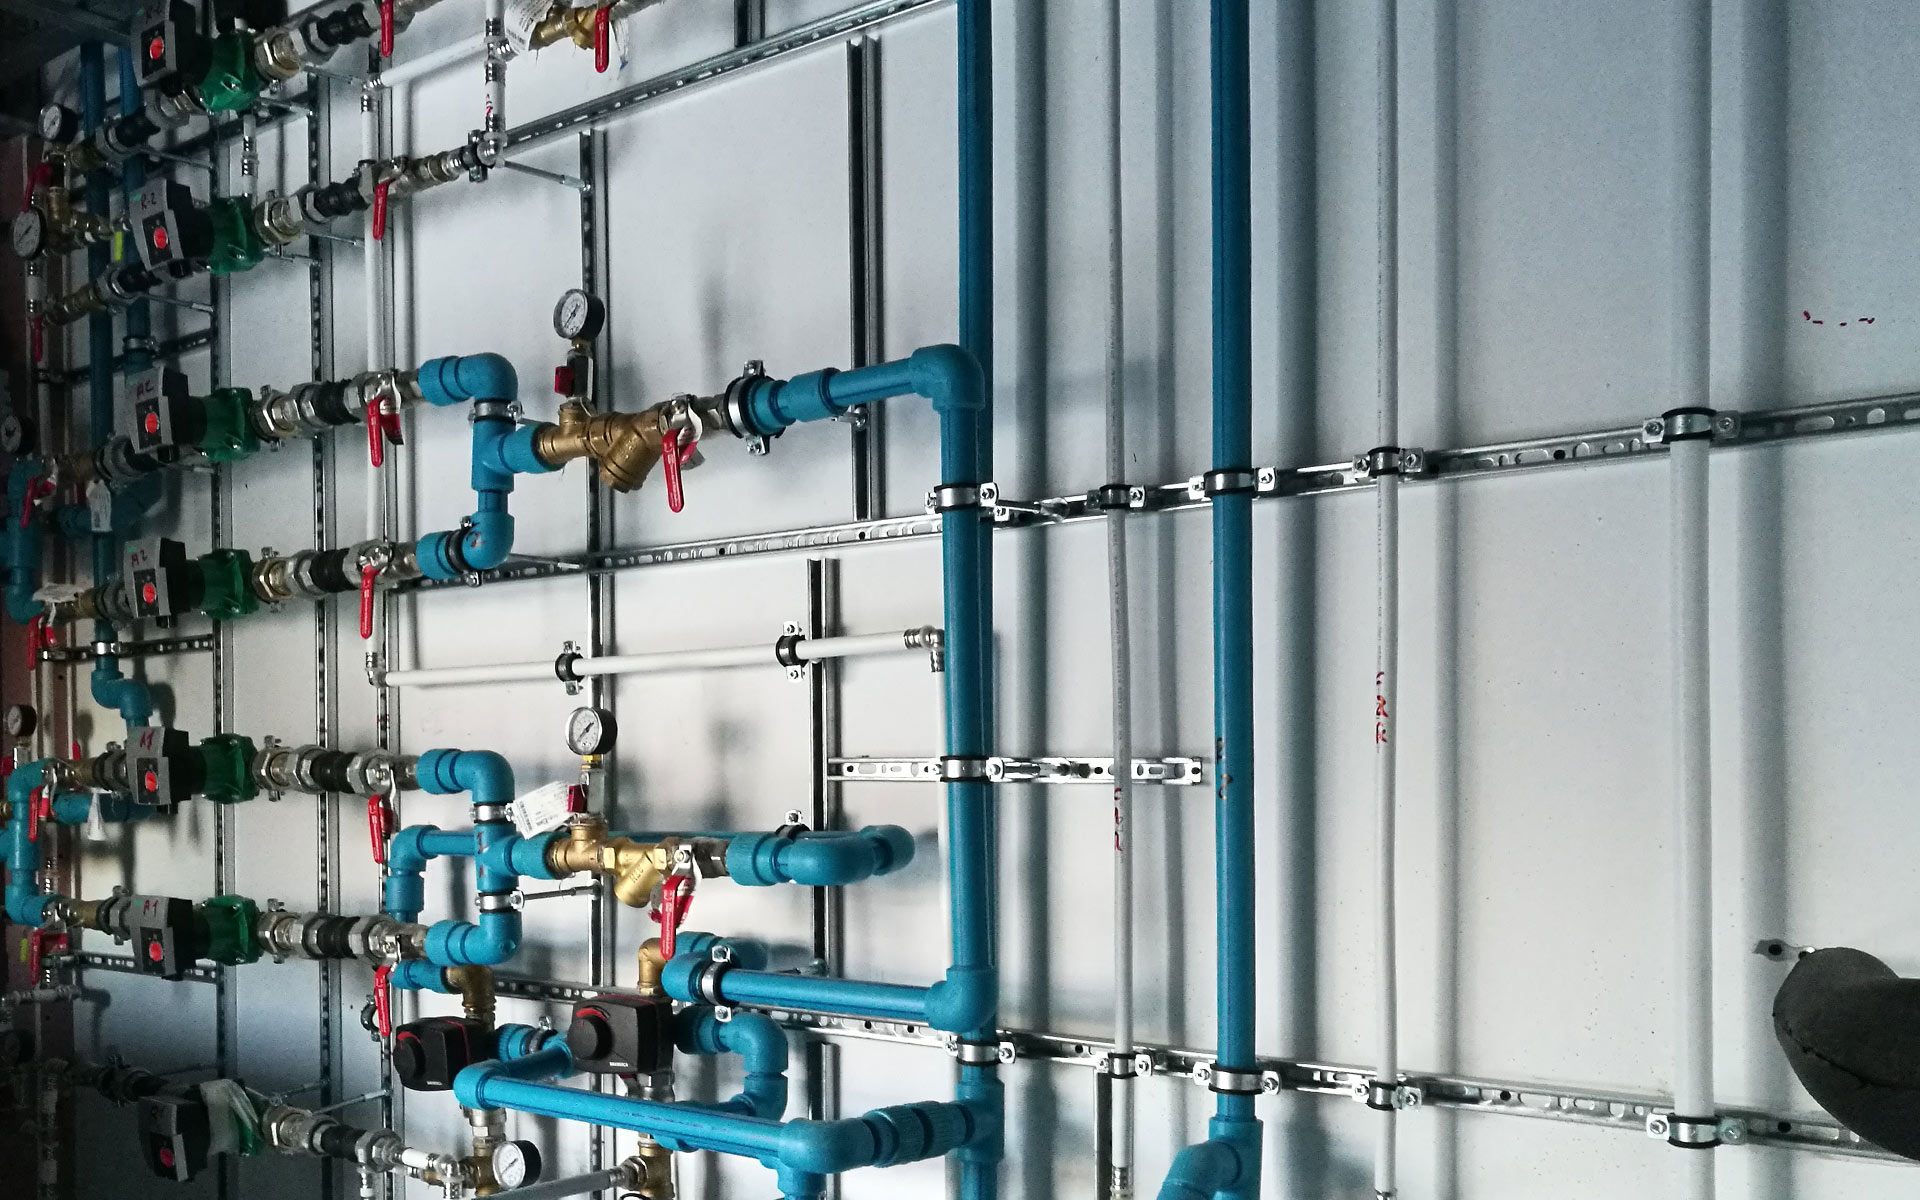 abatec-instalaciones-obras-realizadas-granja-combustible-aeropuerto-dublin-01